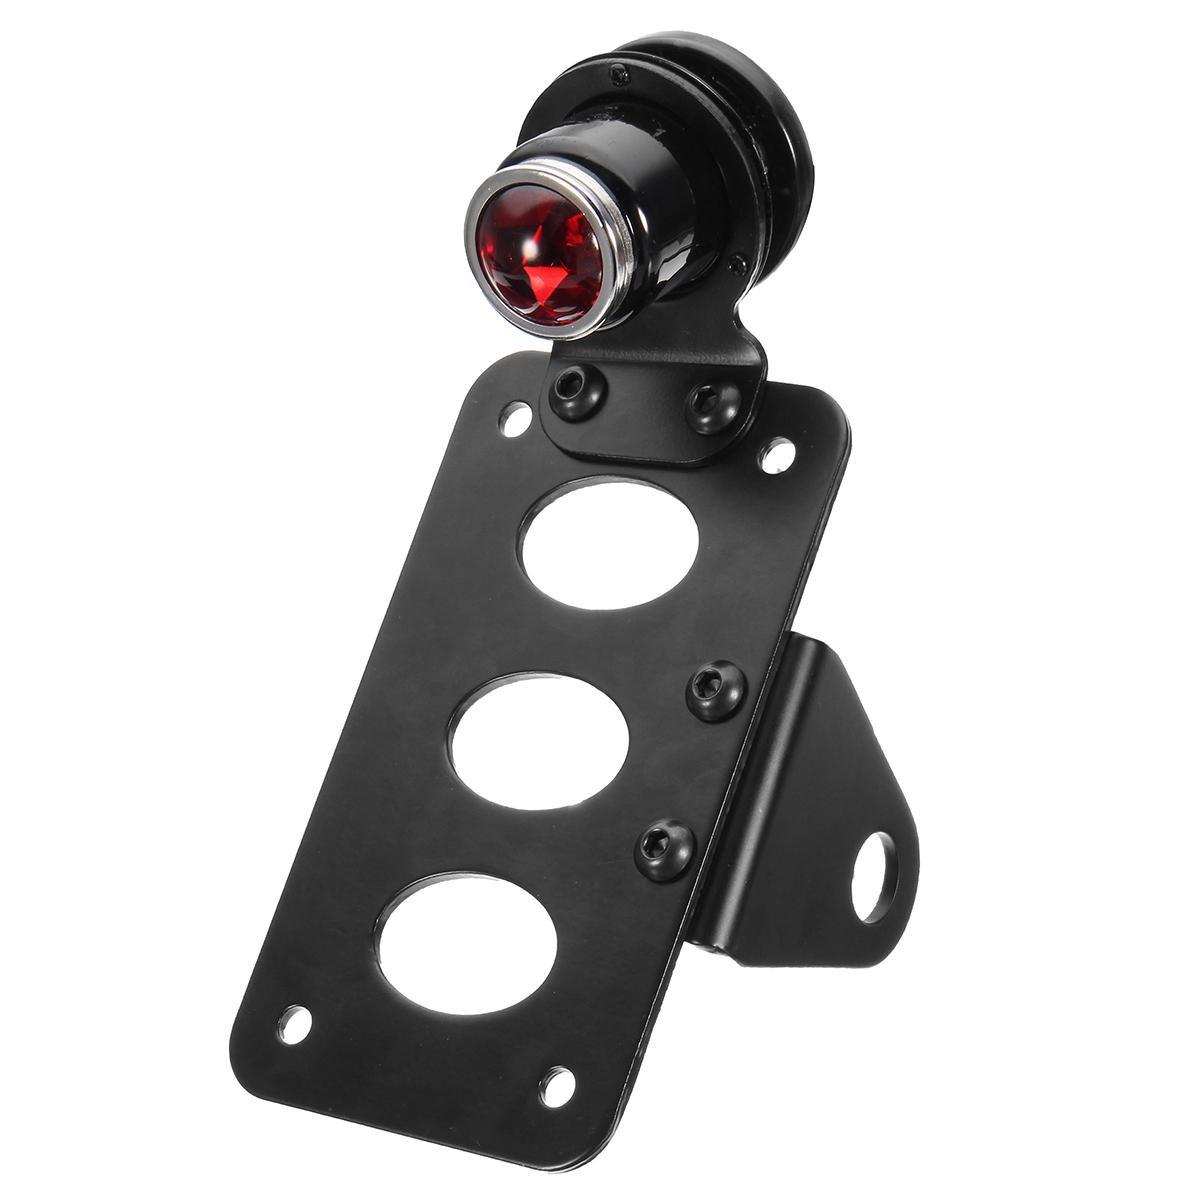 Motorrad SidE Mount LED Nummernschild Rücklicht mit Halterung für Harley Sportster